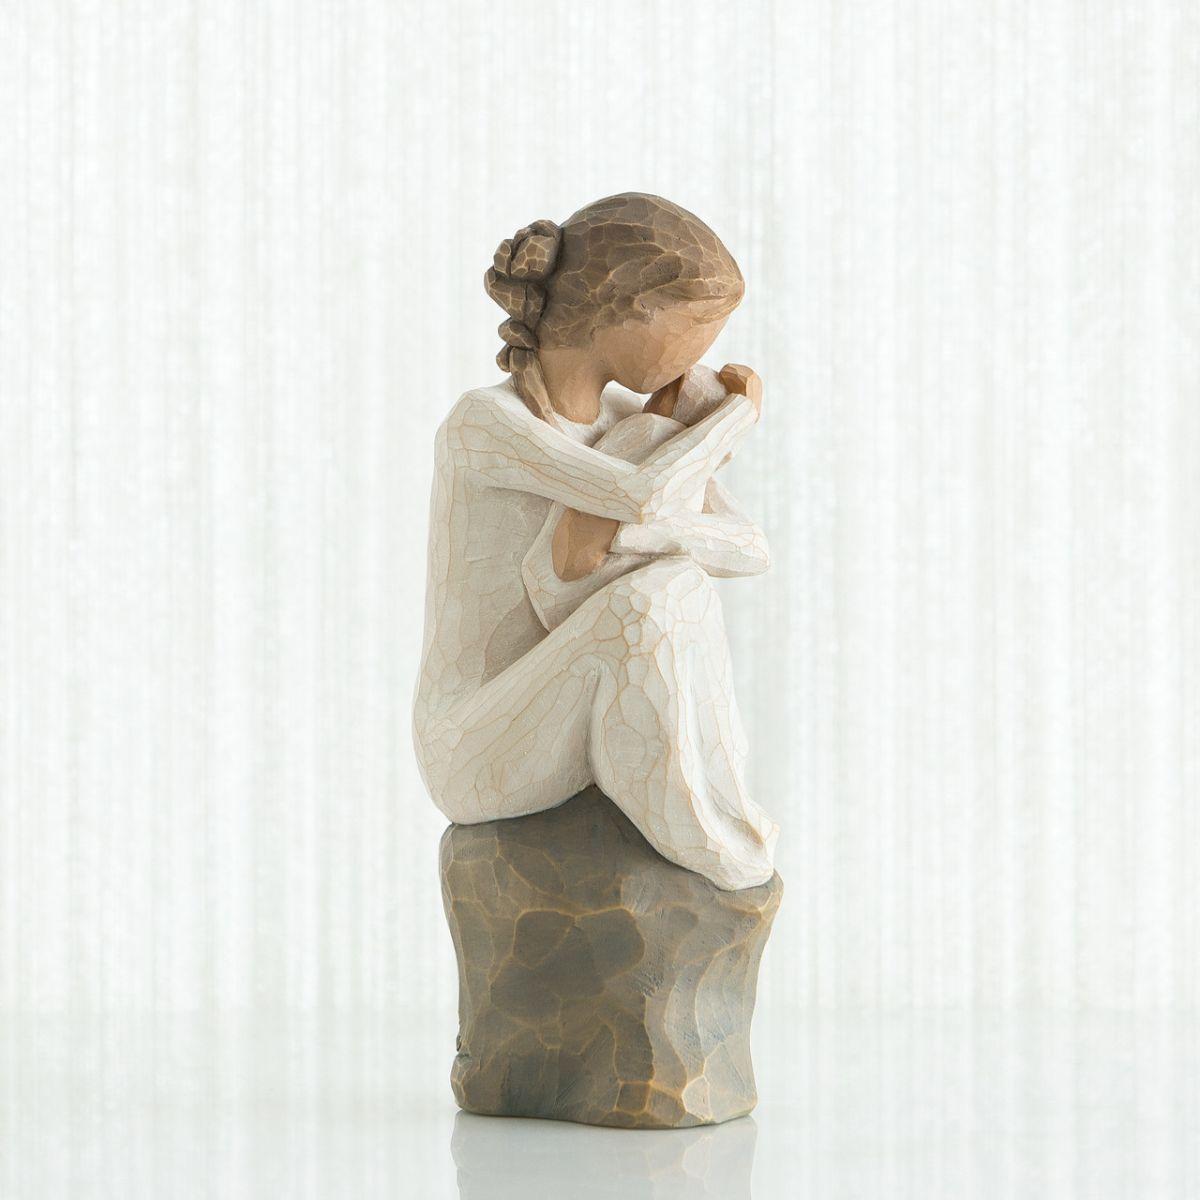 ウィローツリー彫像 【Guardian】 - 守護者